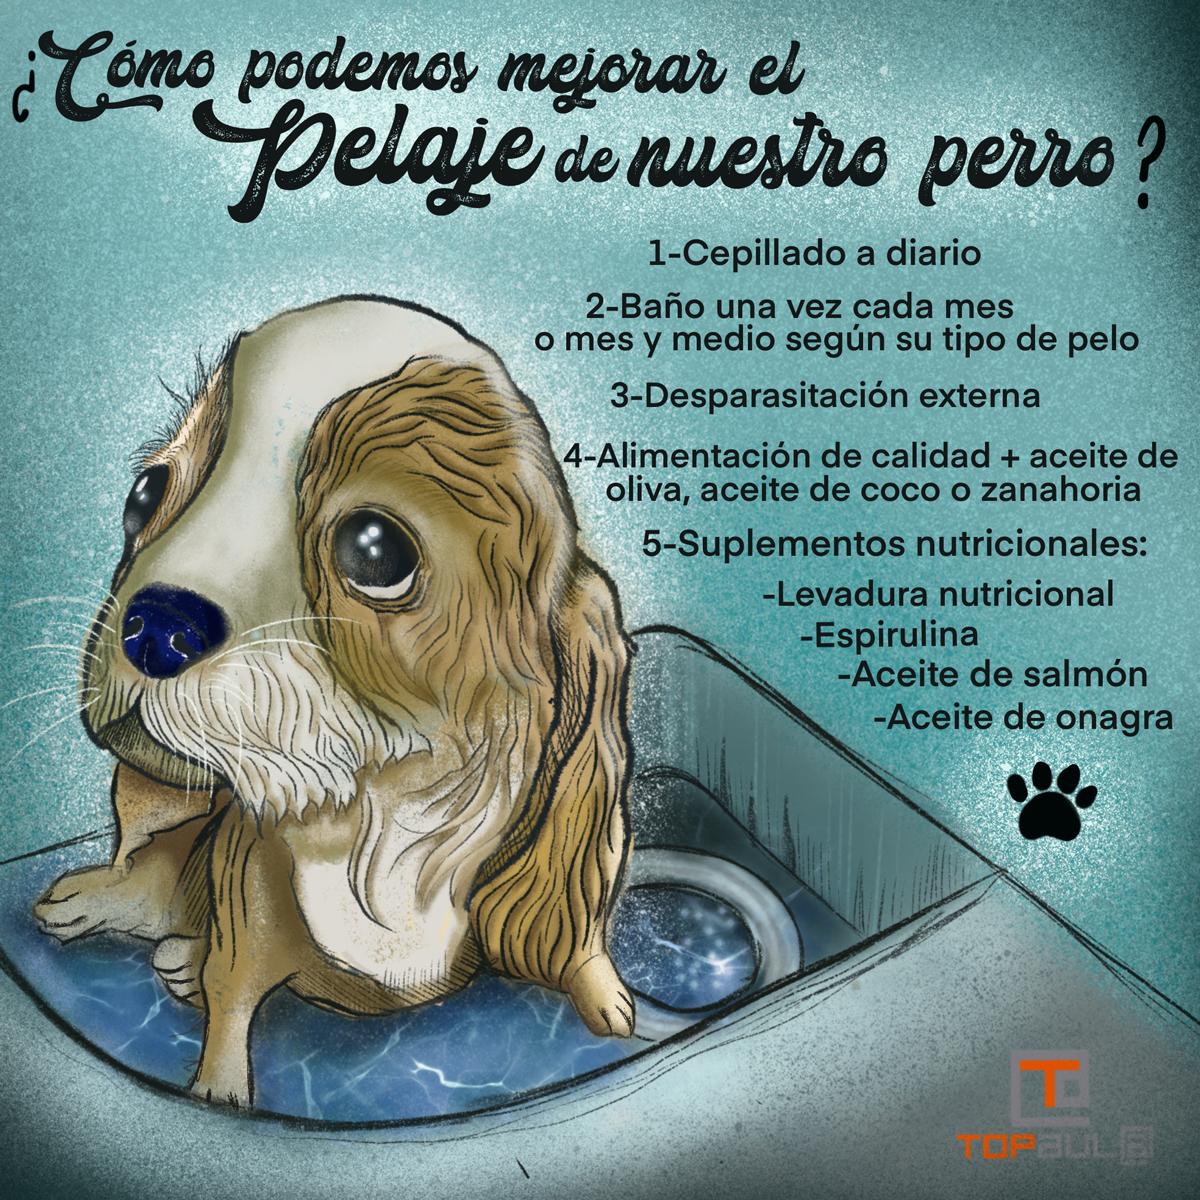 Infografía ¿Cómo podemos mejorar el pelaje de nuestro perro? - www.topaula.com